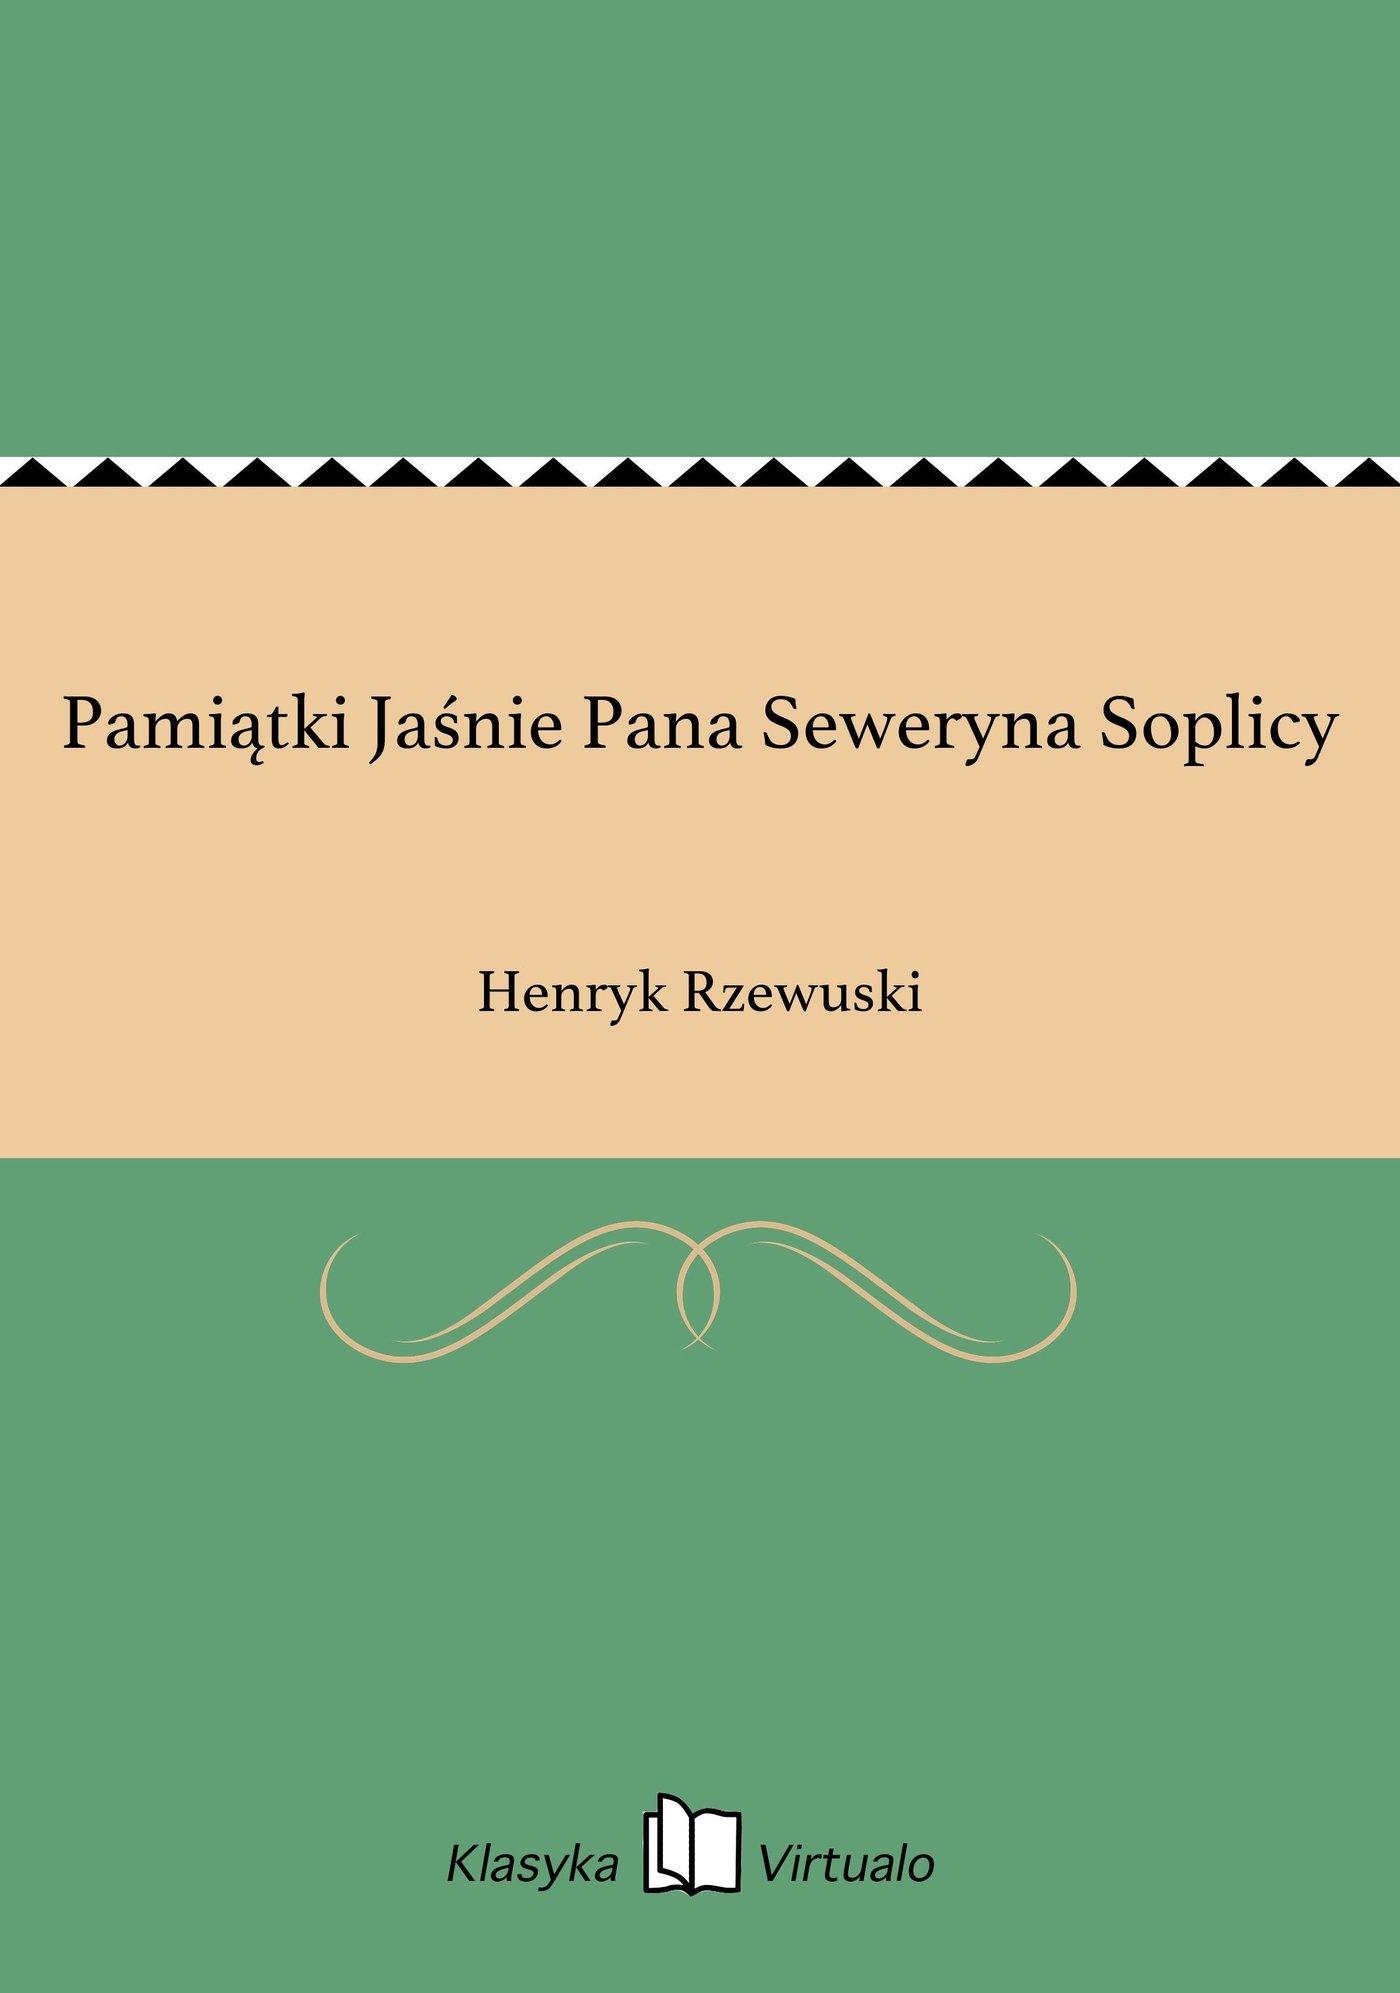 Pamiątki Jaśnie Pana Seweryna Soplicy - Ebook (Książka na Kindle) do pobrania w formacie MOBI